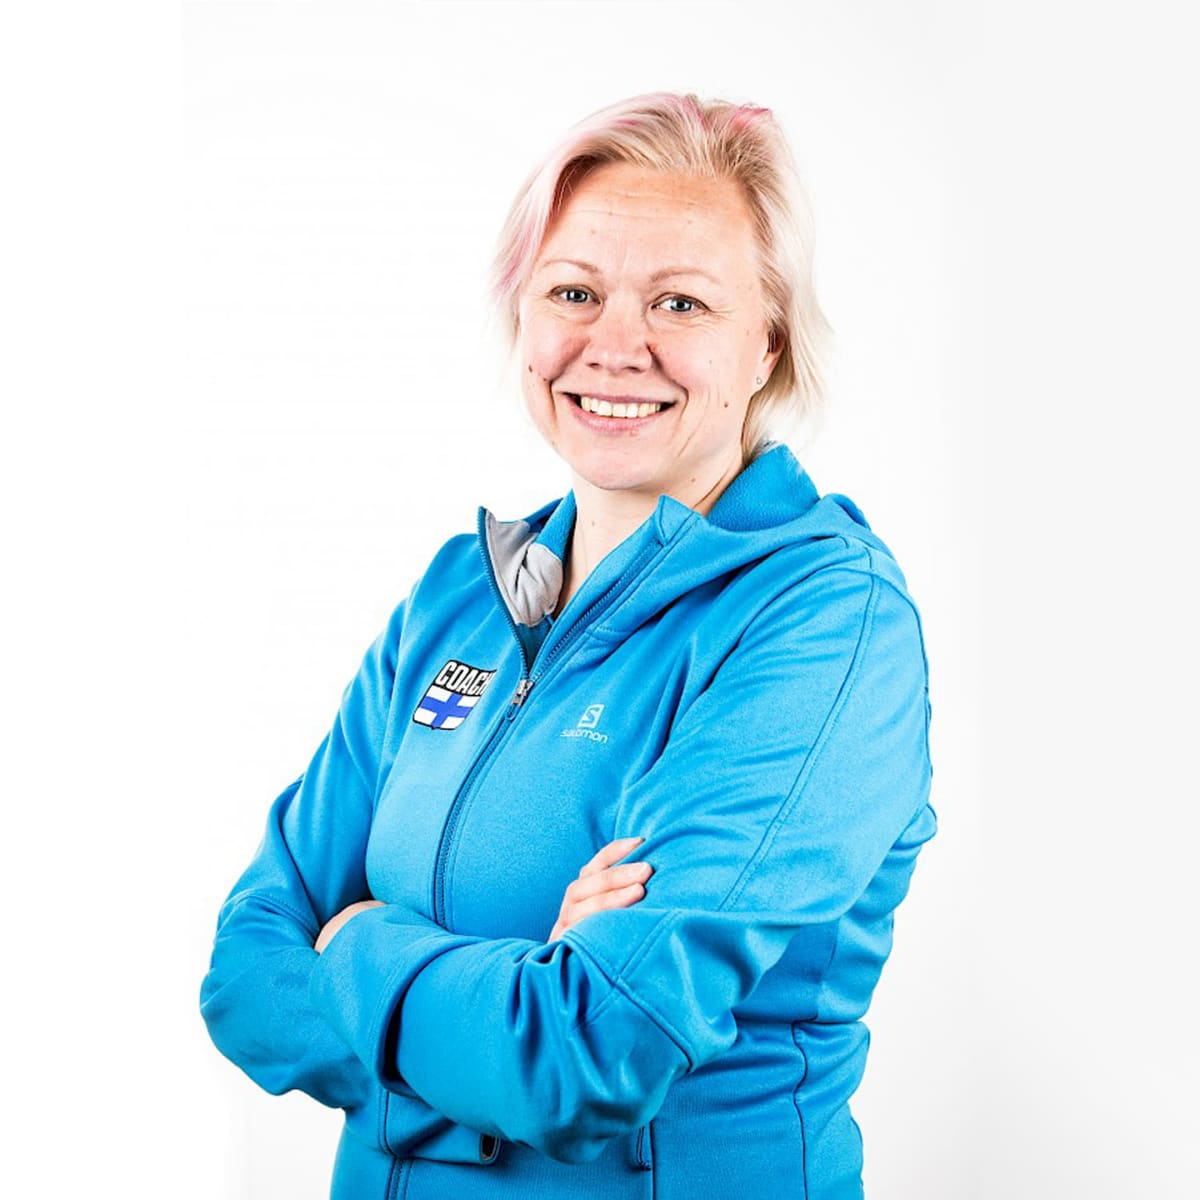 Sari Tuunainen Suomen valmentaja liitosta